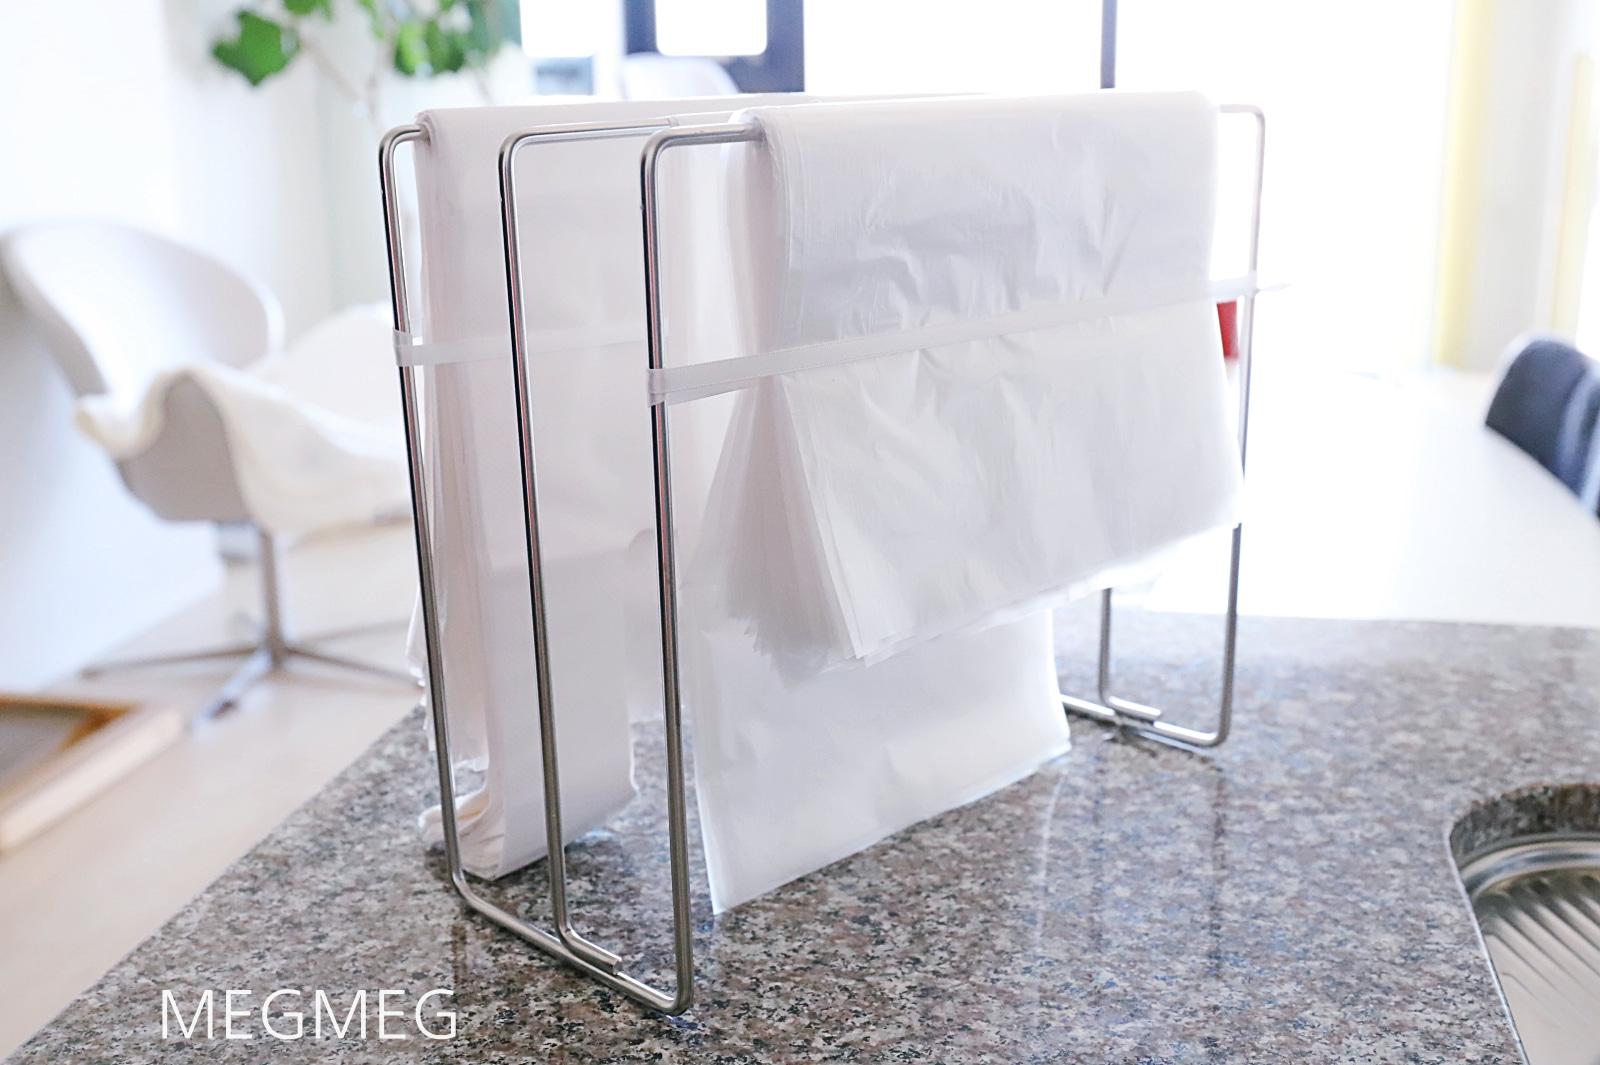 レジ袋の収納方法(ハンガー)